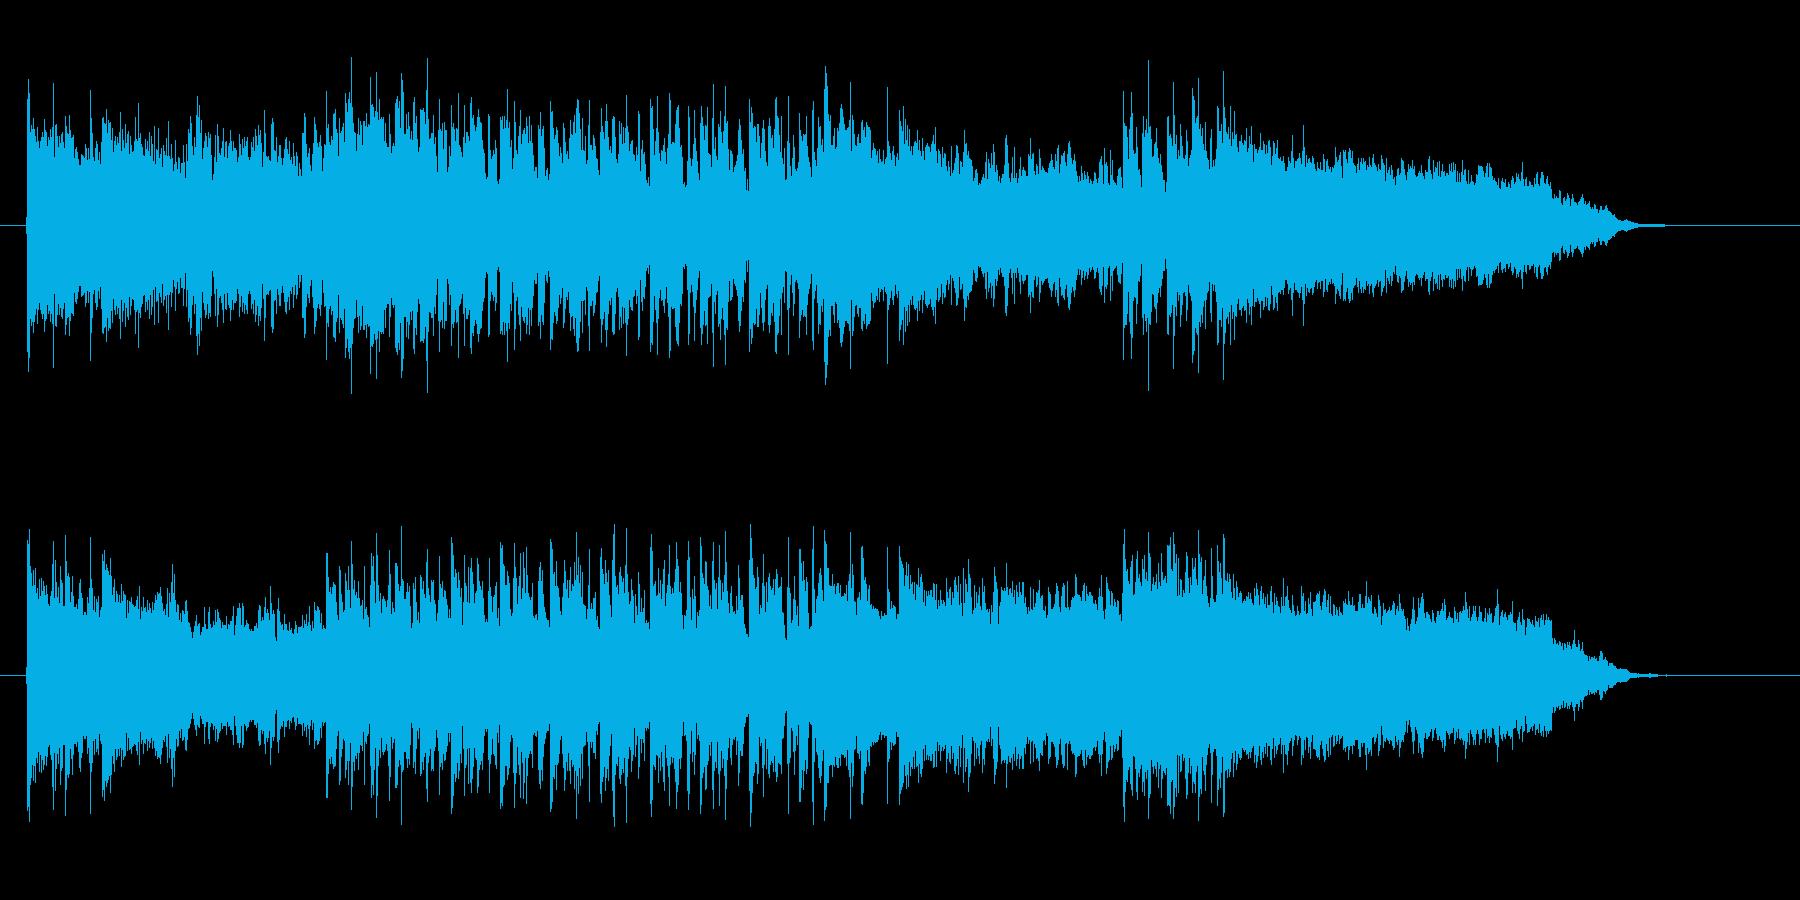 近未来や宇宙感のあるシンセギターサウンドの再生済みの波形